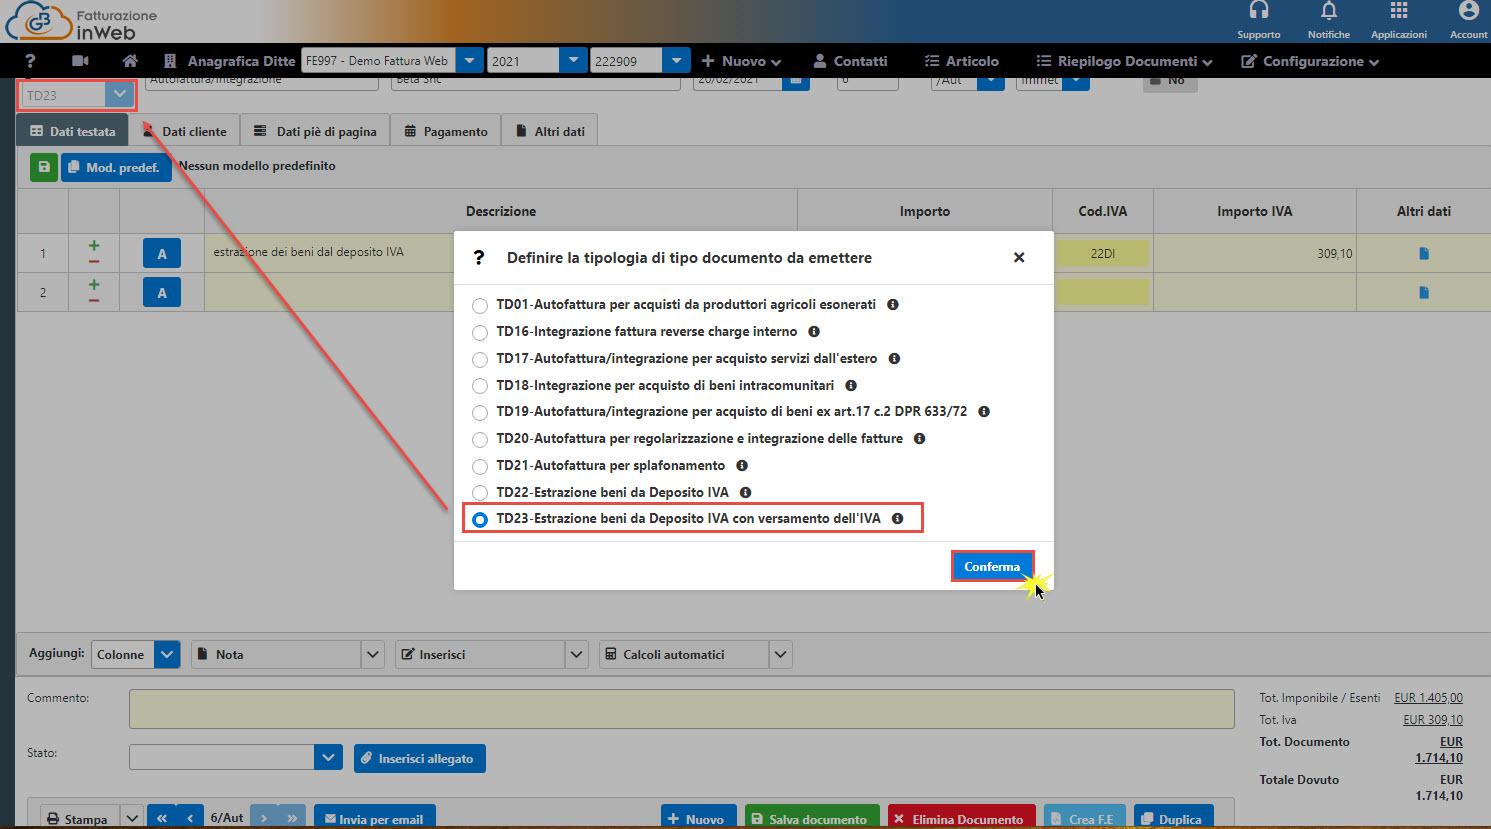 C:\Users\LucaTosti\Gbsoftware S.p.A\Newsletter - General\Newsletter2021\02 Febbraio 2021\Immagini\Nuovi tipi documento autofatture parte 2 - Estrazione beni da deposito IVA